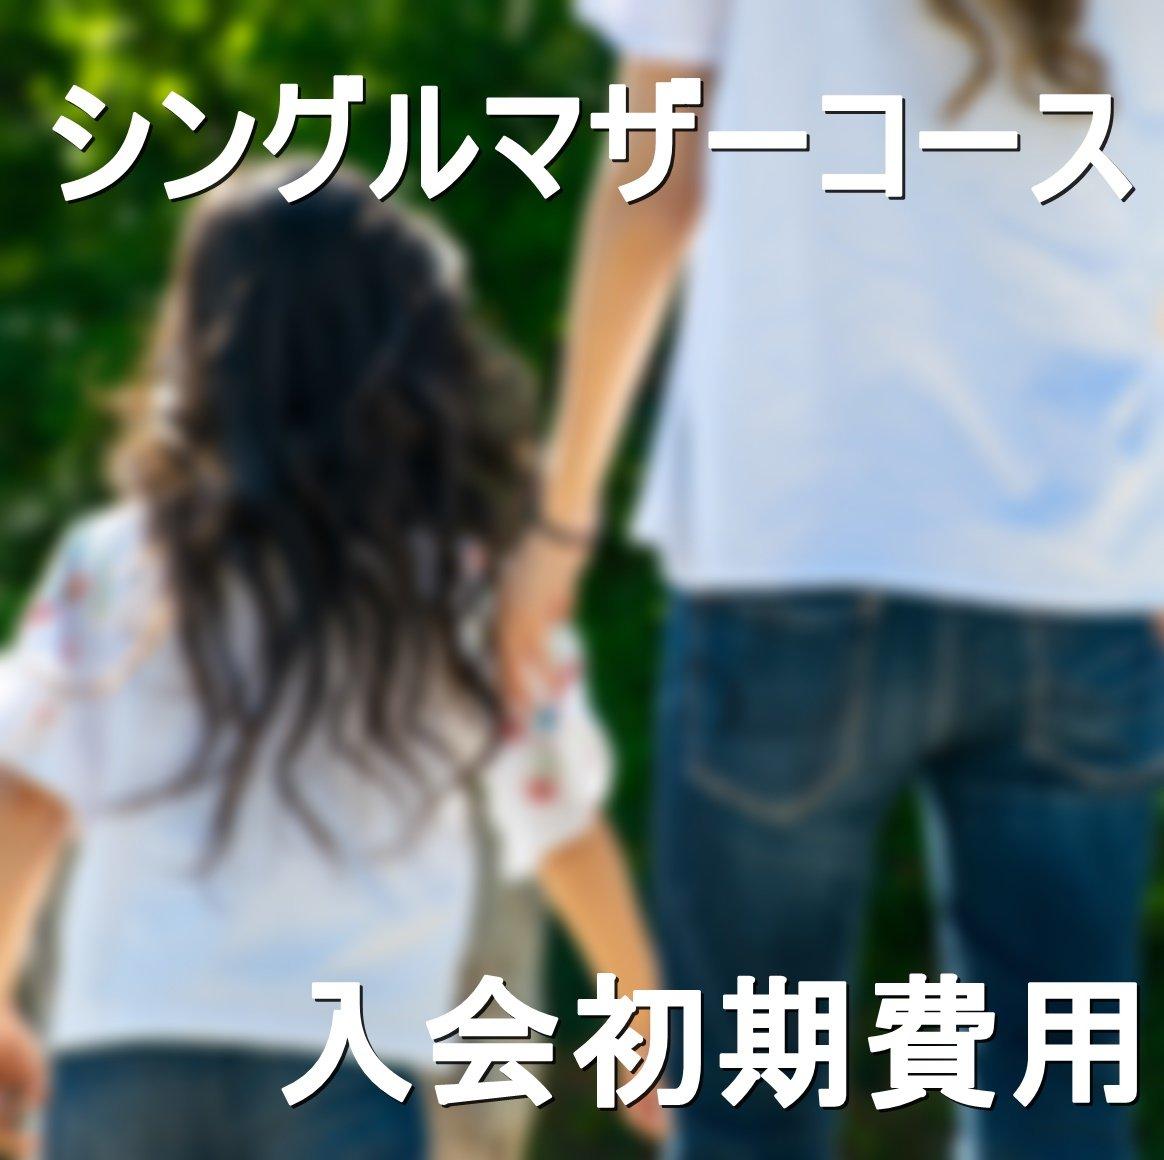 【婚活ならBUDDY BRIDAL】シングルマザーコース 入会初期費用WEBチケットのイメージその1